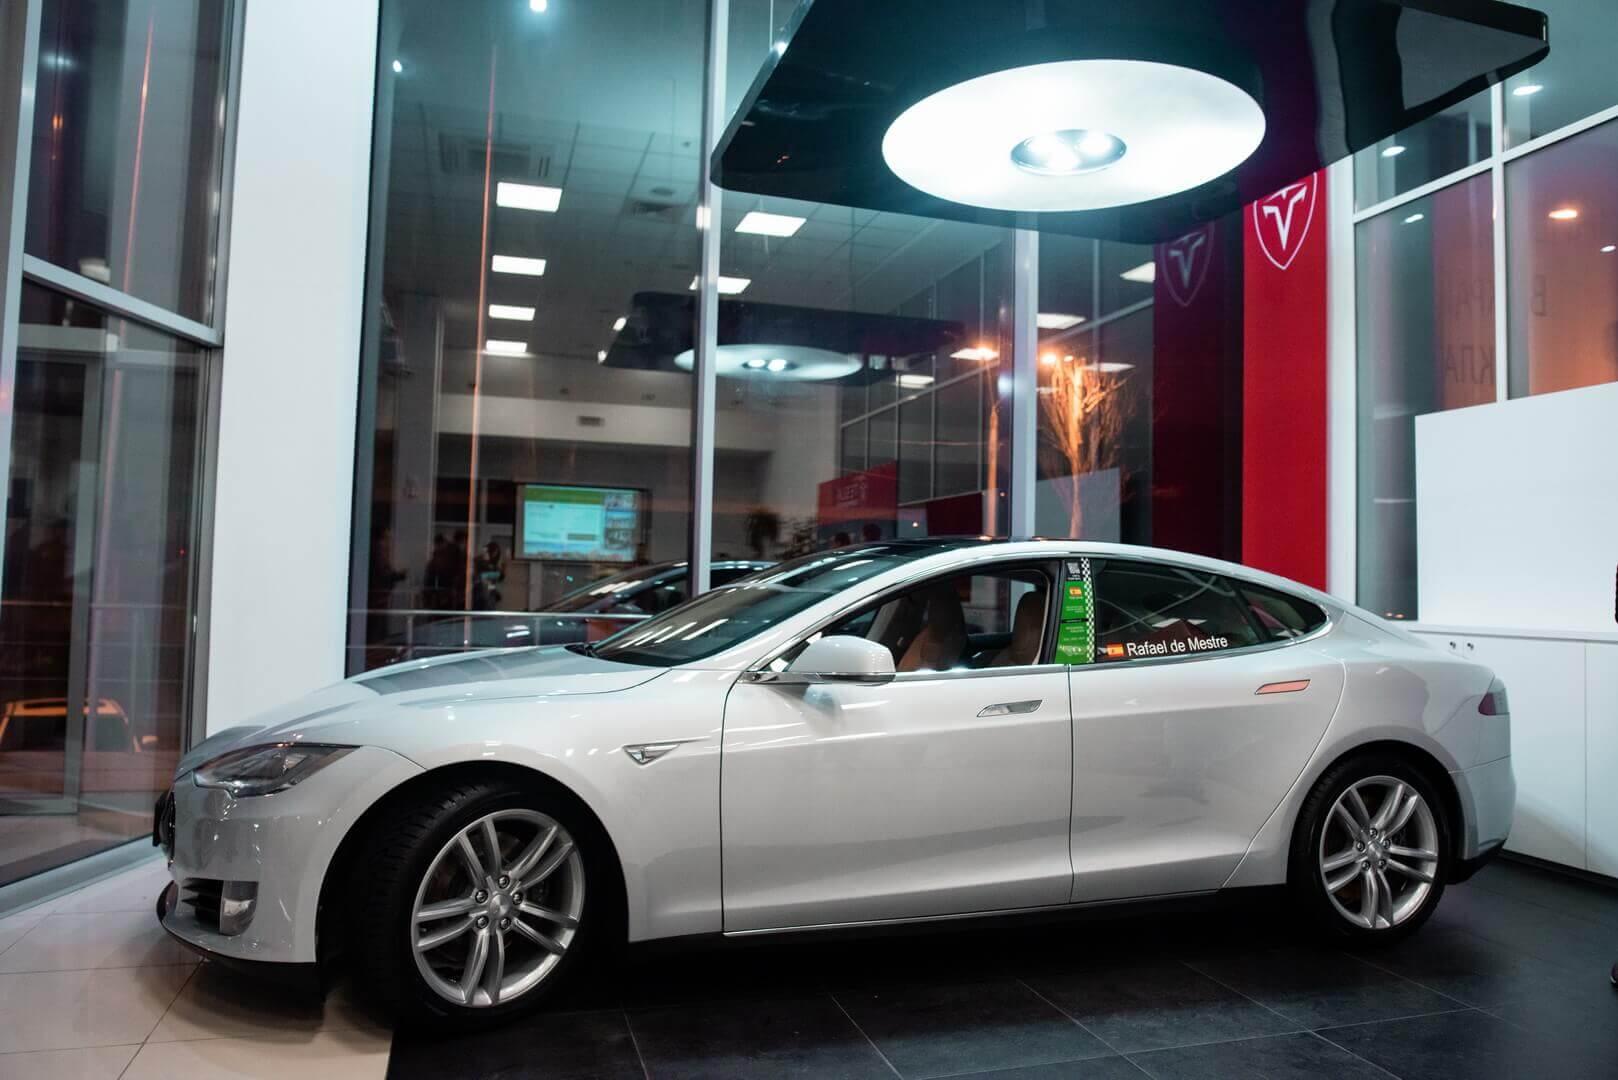 Отреставрированная Tesla Model S P85+ Signature, которая уже объехала вокруг мира в 2012 году